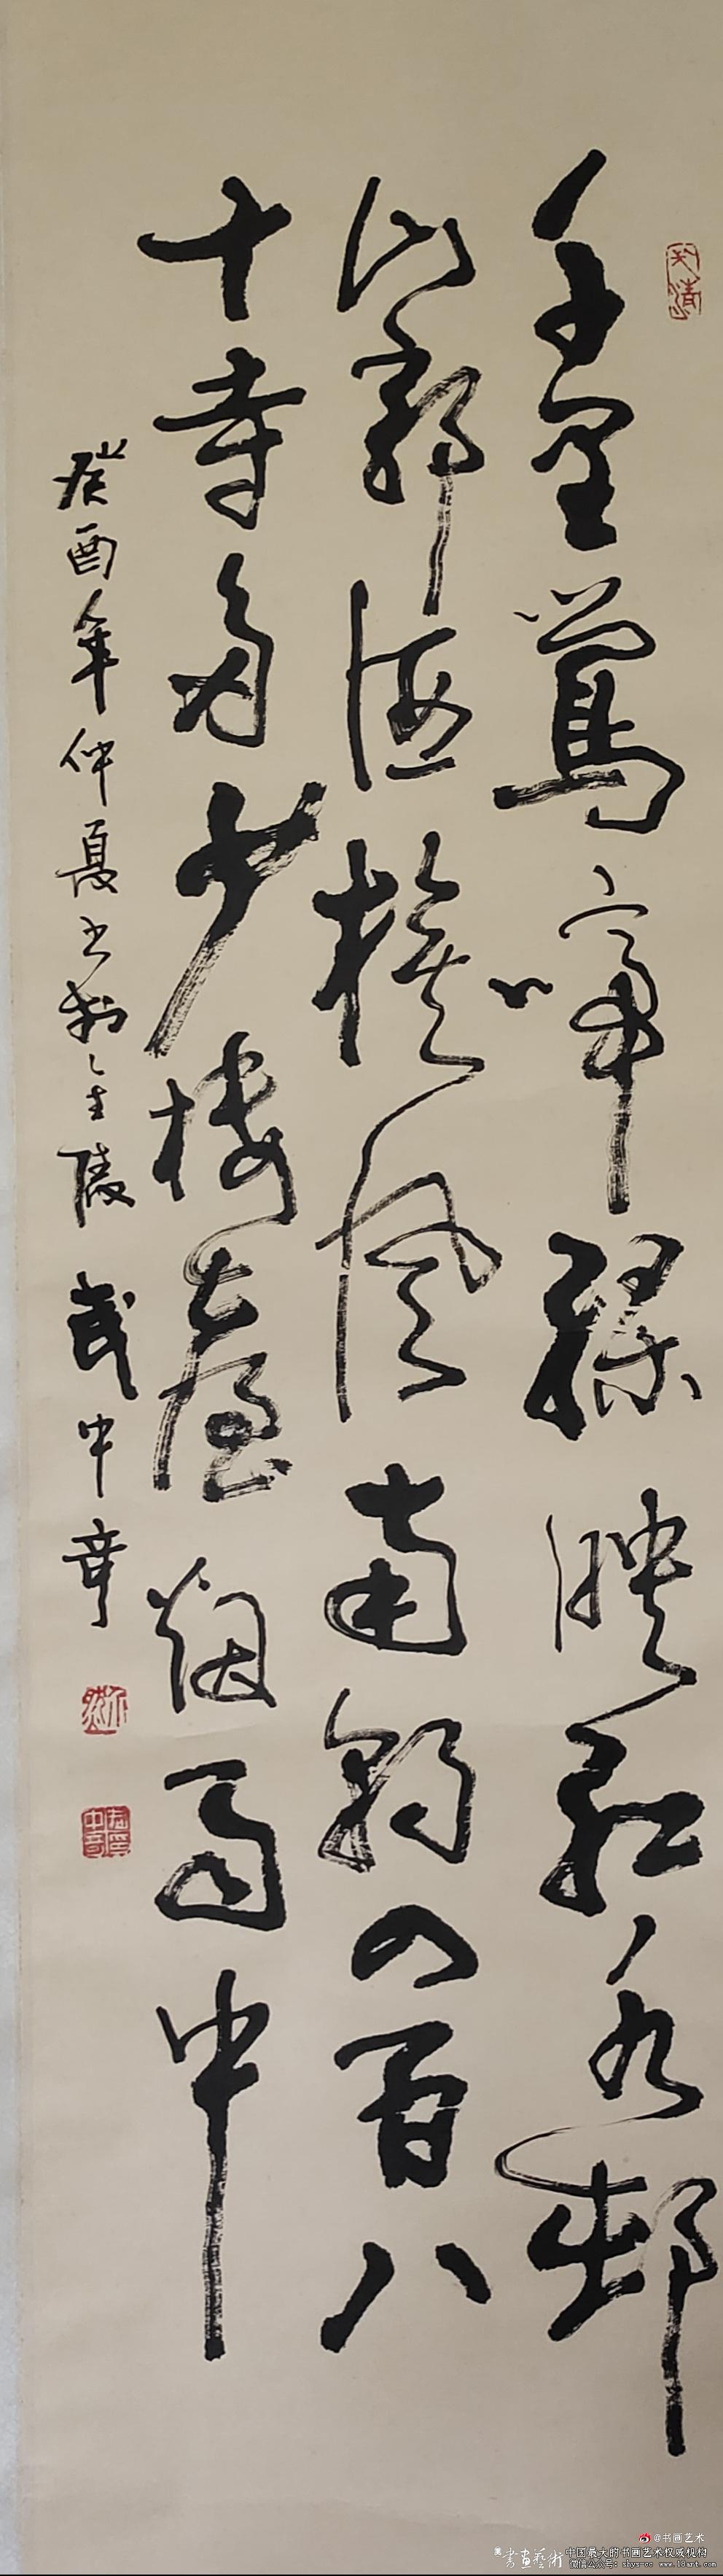 武中奇书法 张卫村收藏